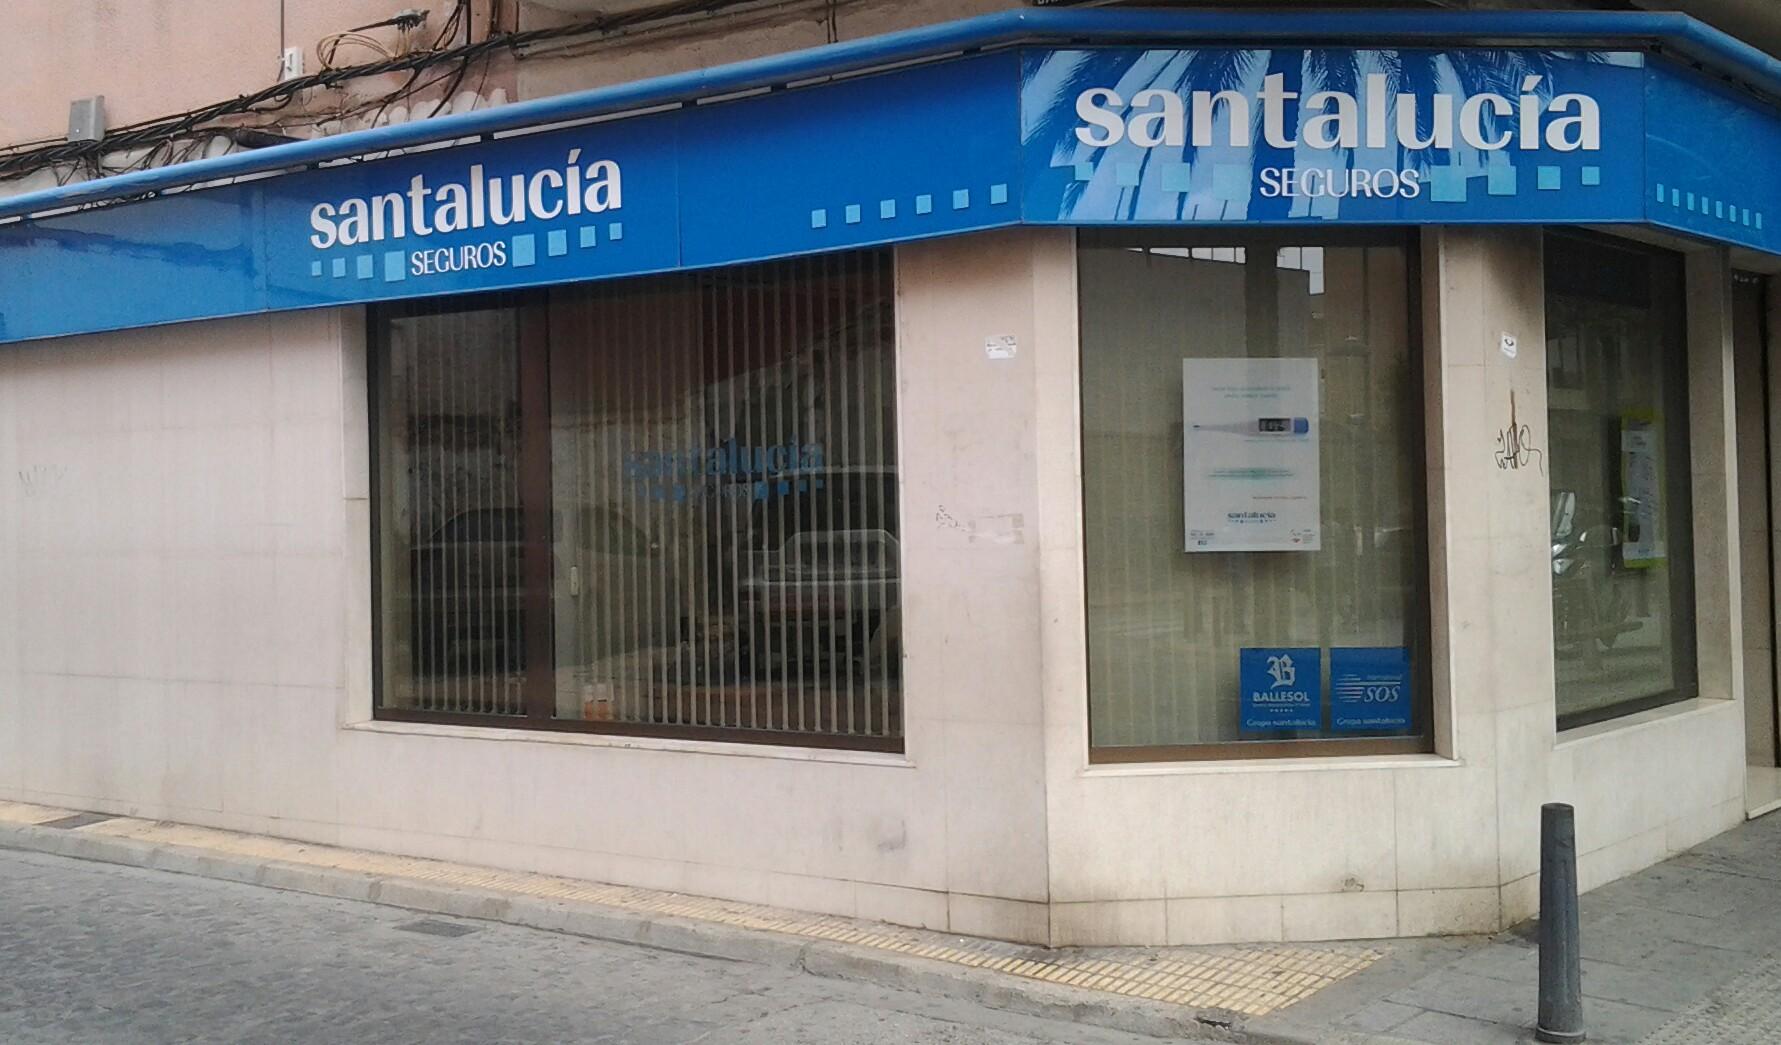 SEGUROS SANTALUCIA